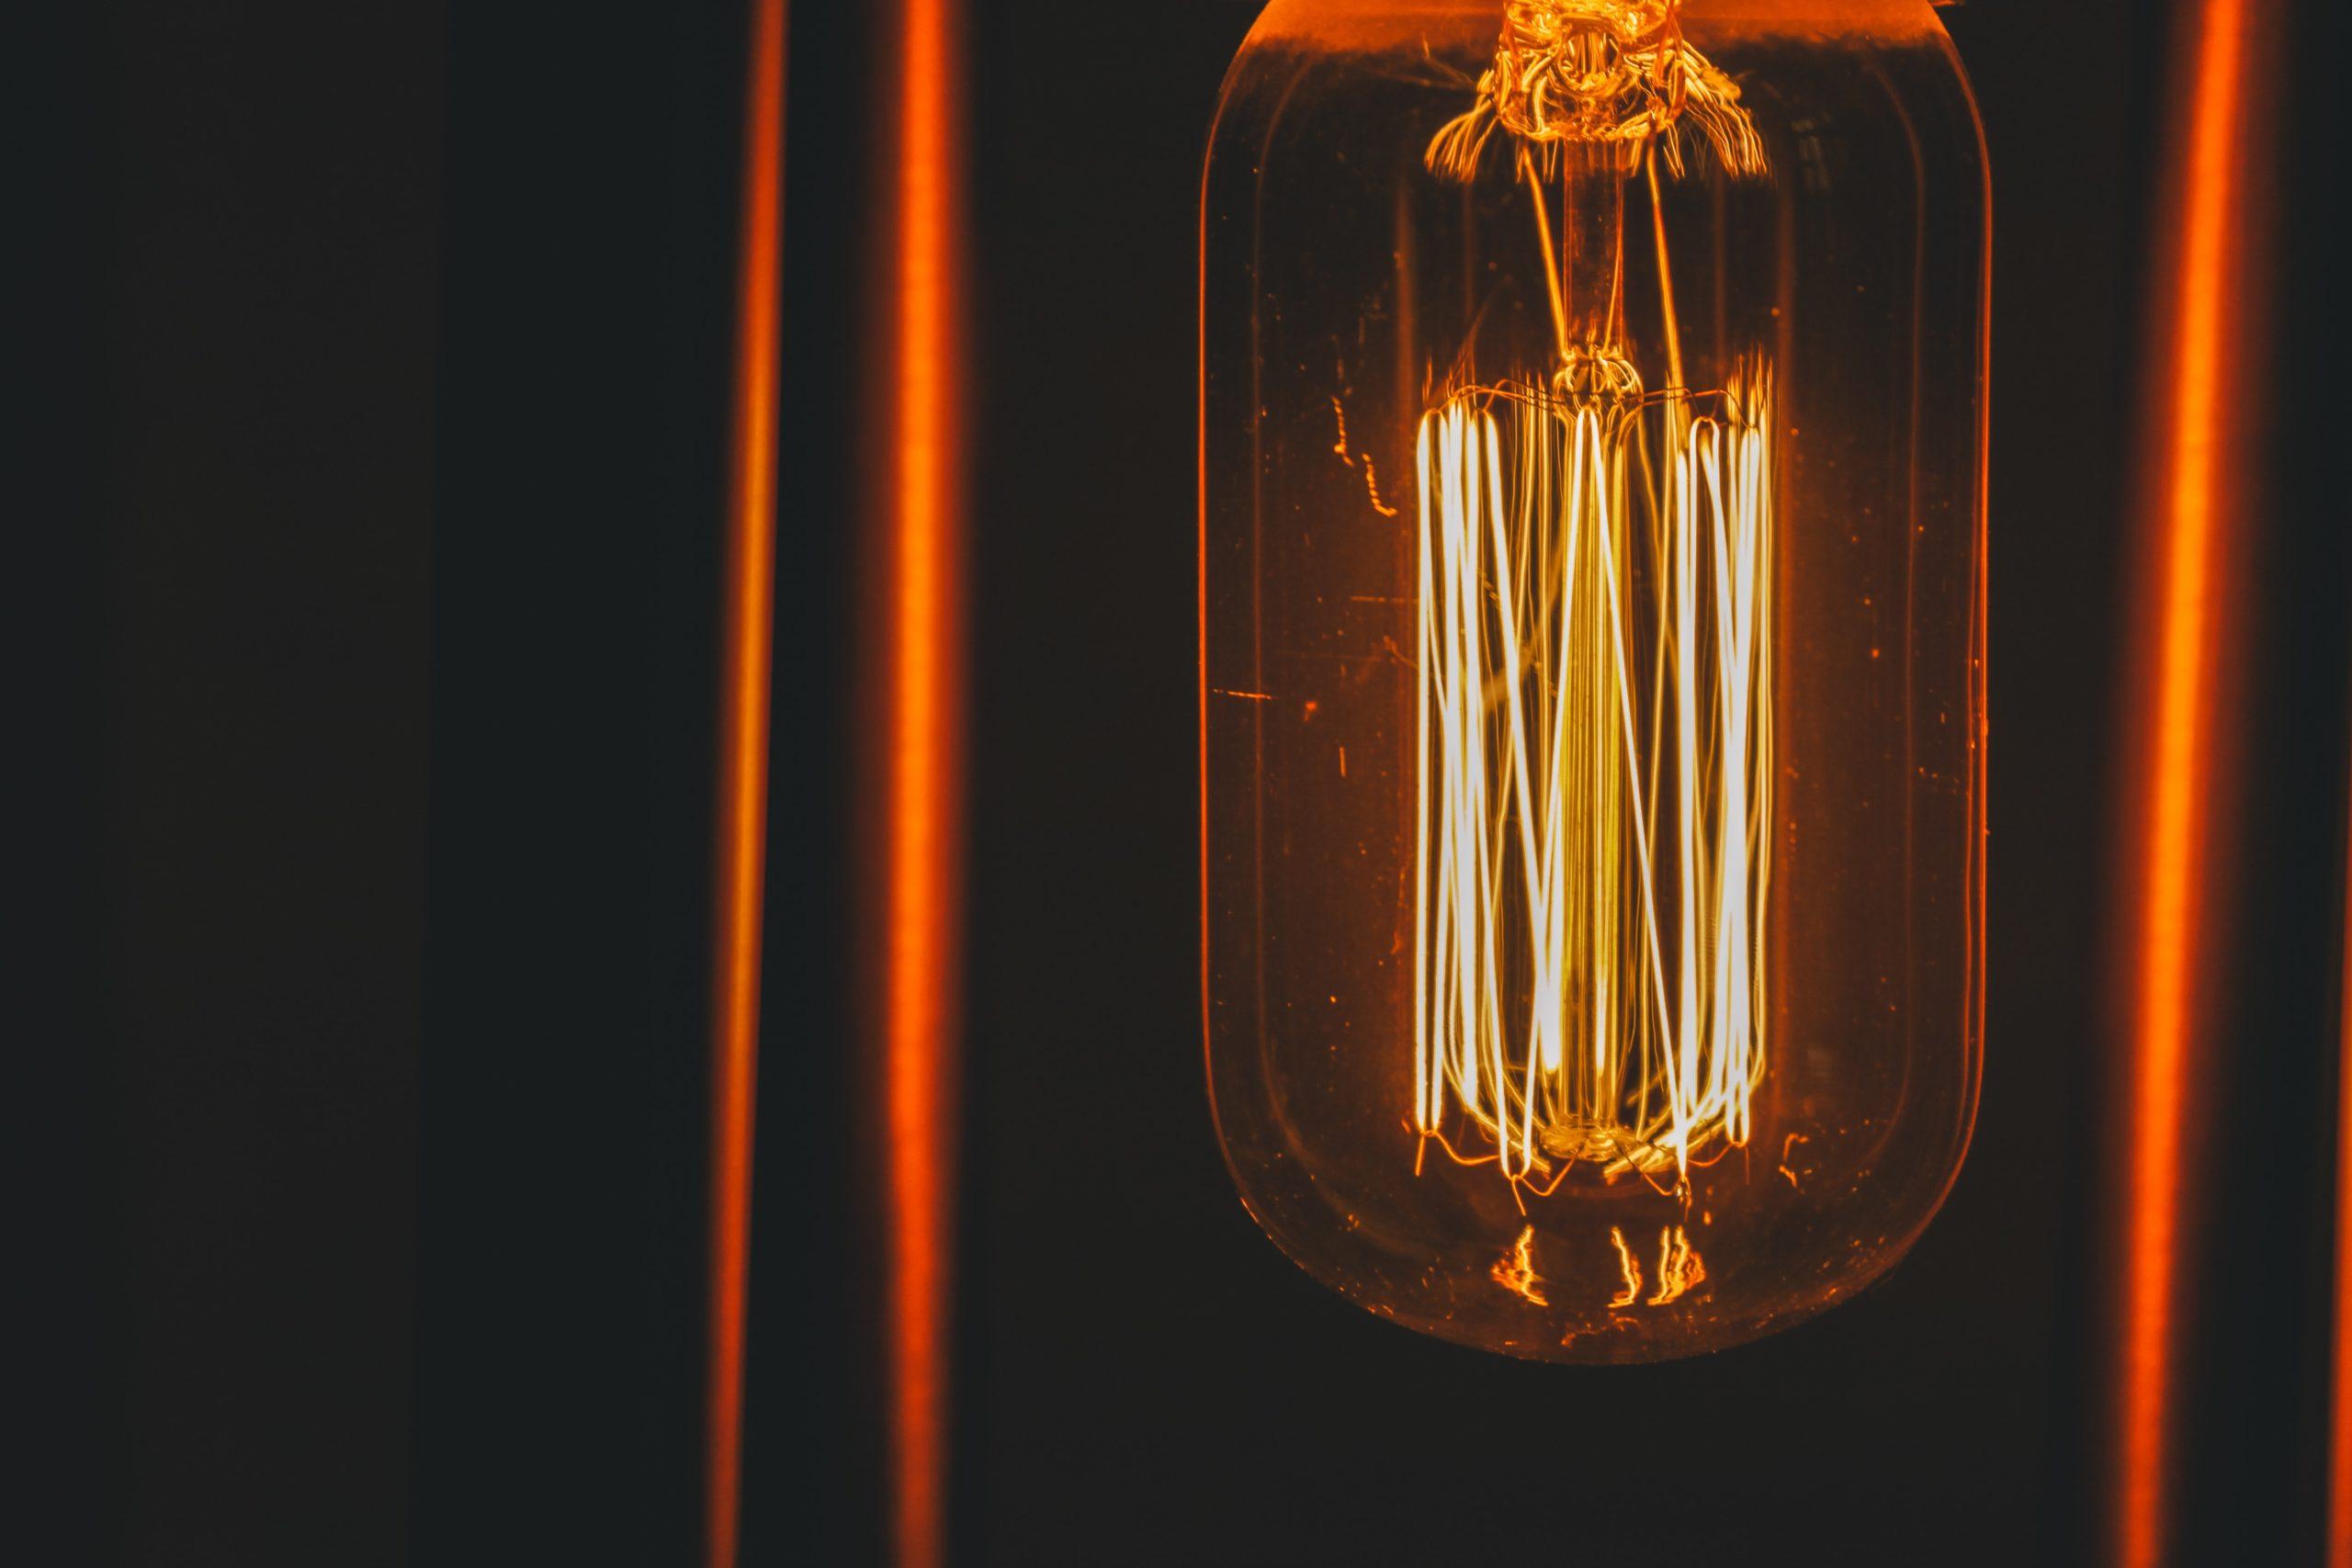 Verlenging van het verbod op elektriciteits- en gasafsluitingen tot 31 mei 2021